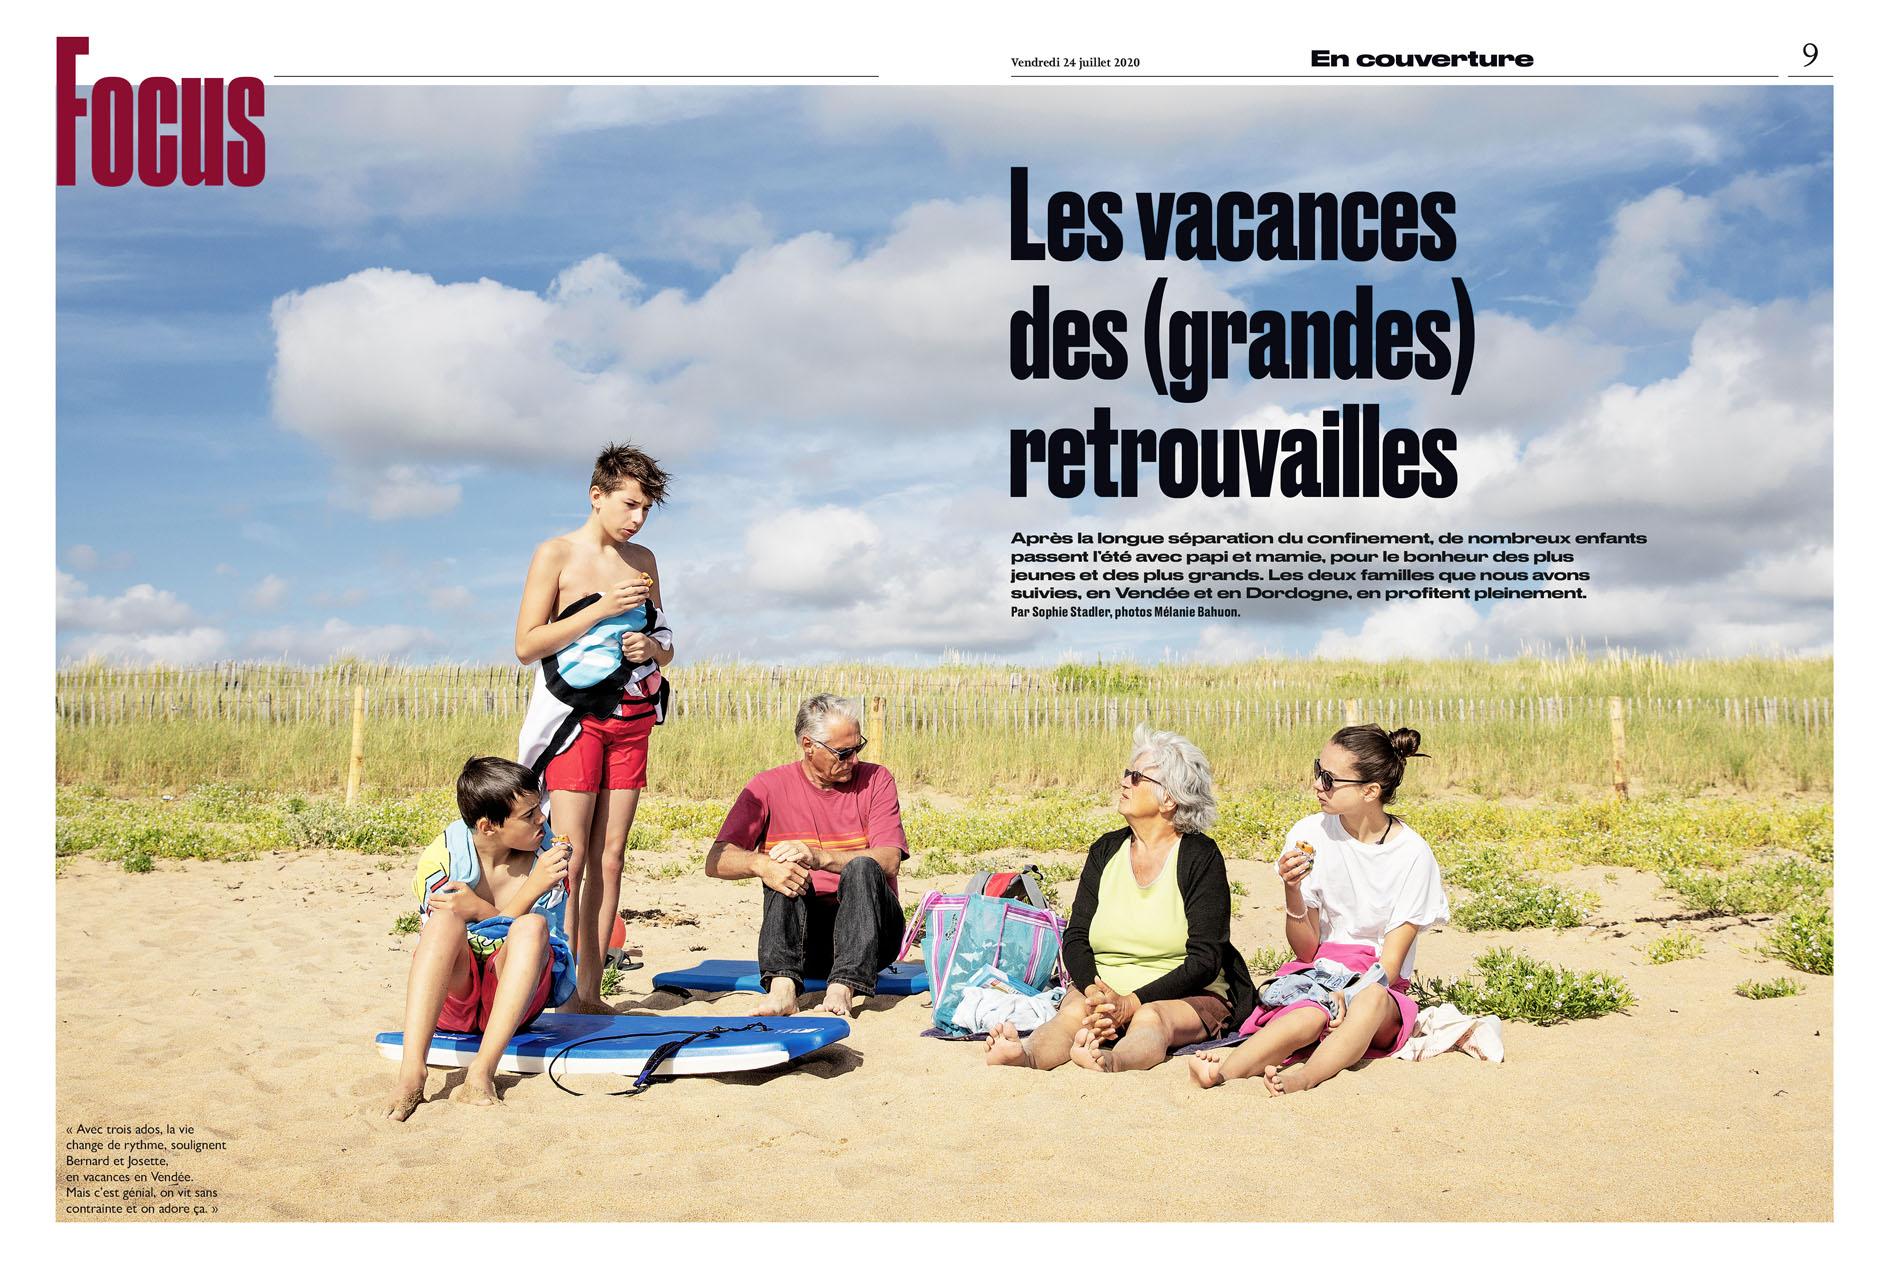 Les vacances des (grandes) retrouvailles, article de Sophie Stadler pour Le Parisien Weekend du 24 juillet 2020